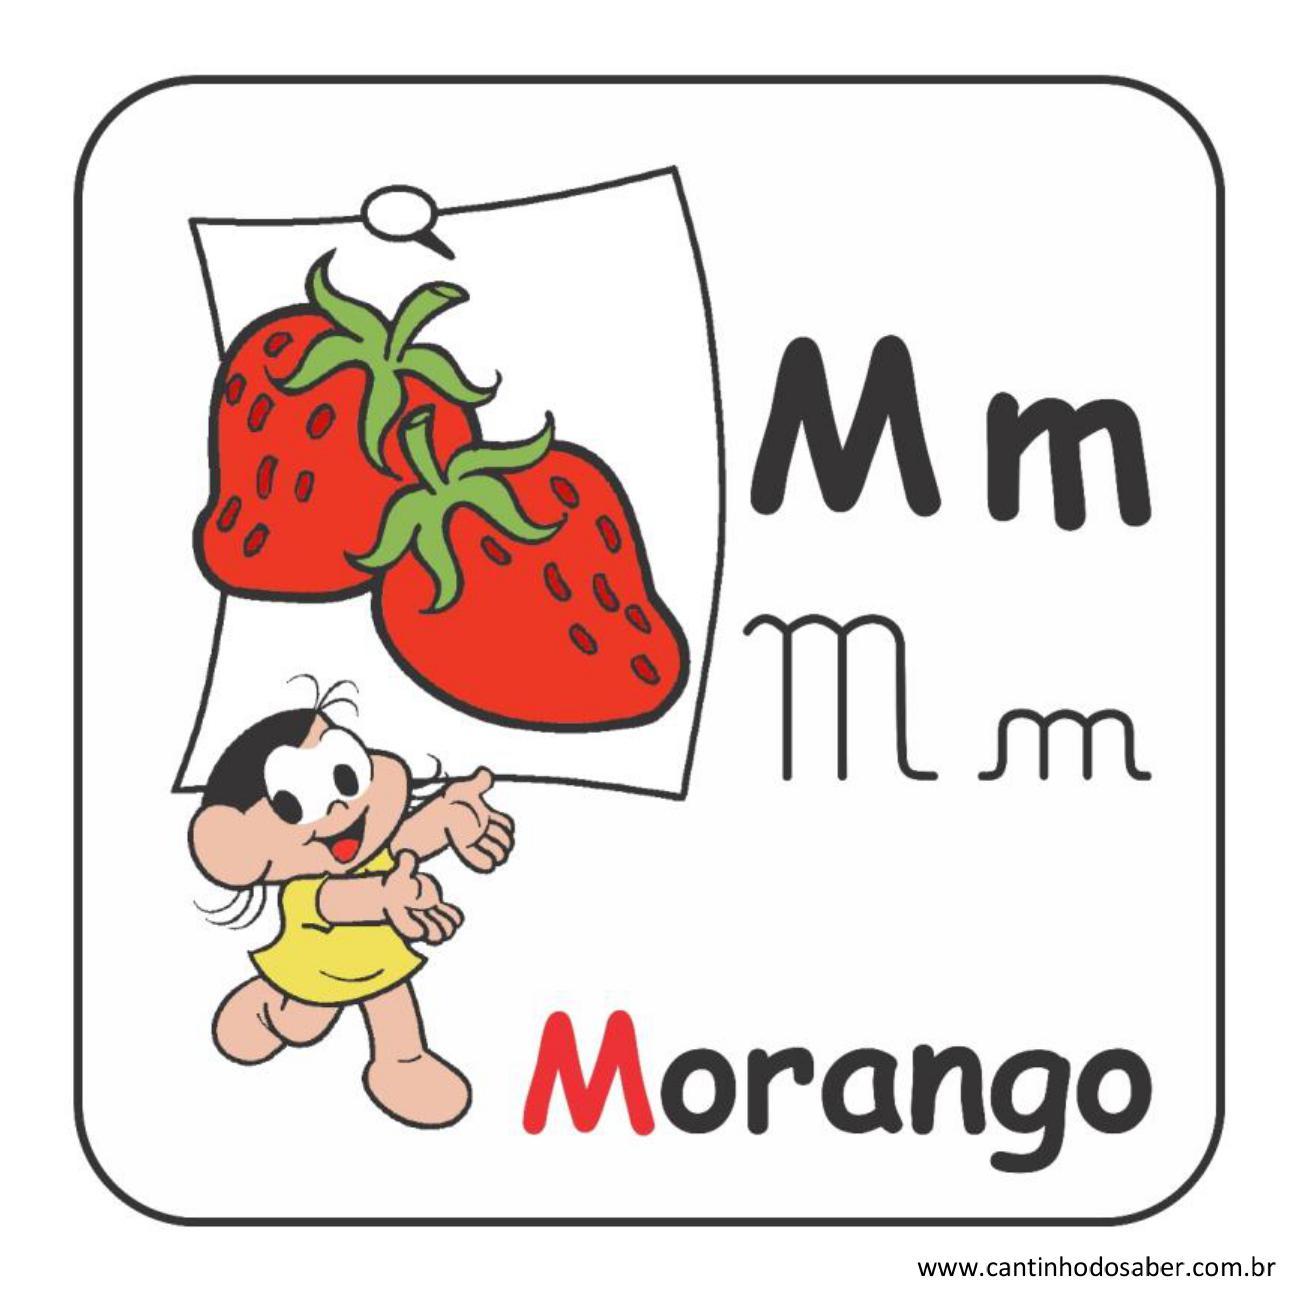 Alfabeto da turma da mônica em letra bastão e cursiva letra m